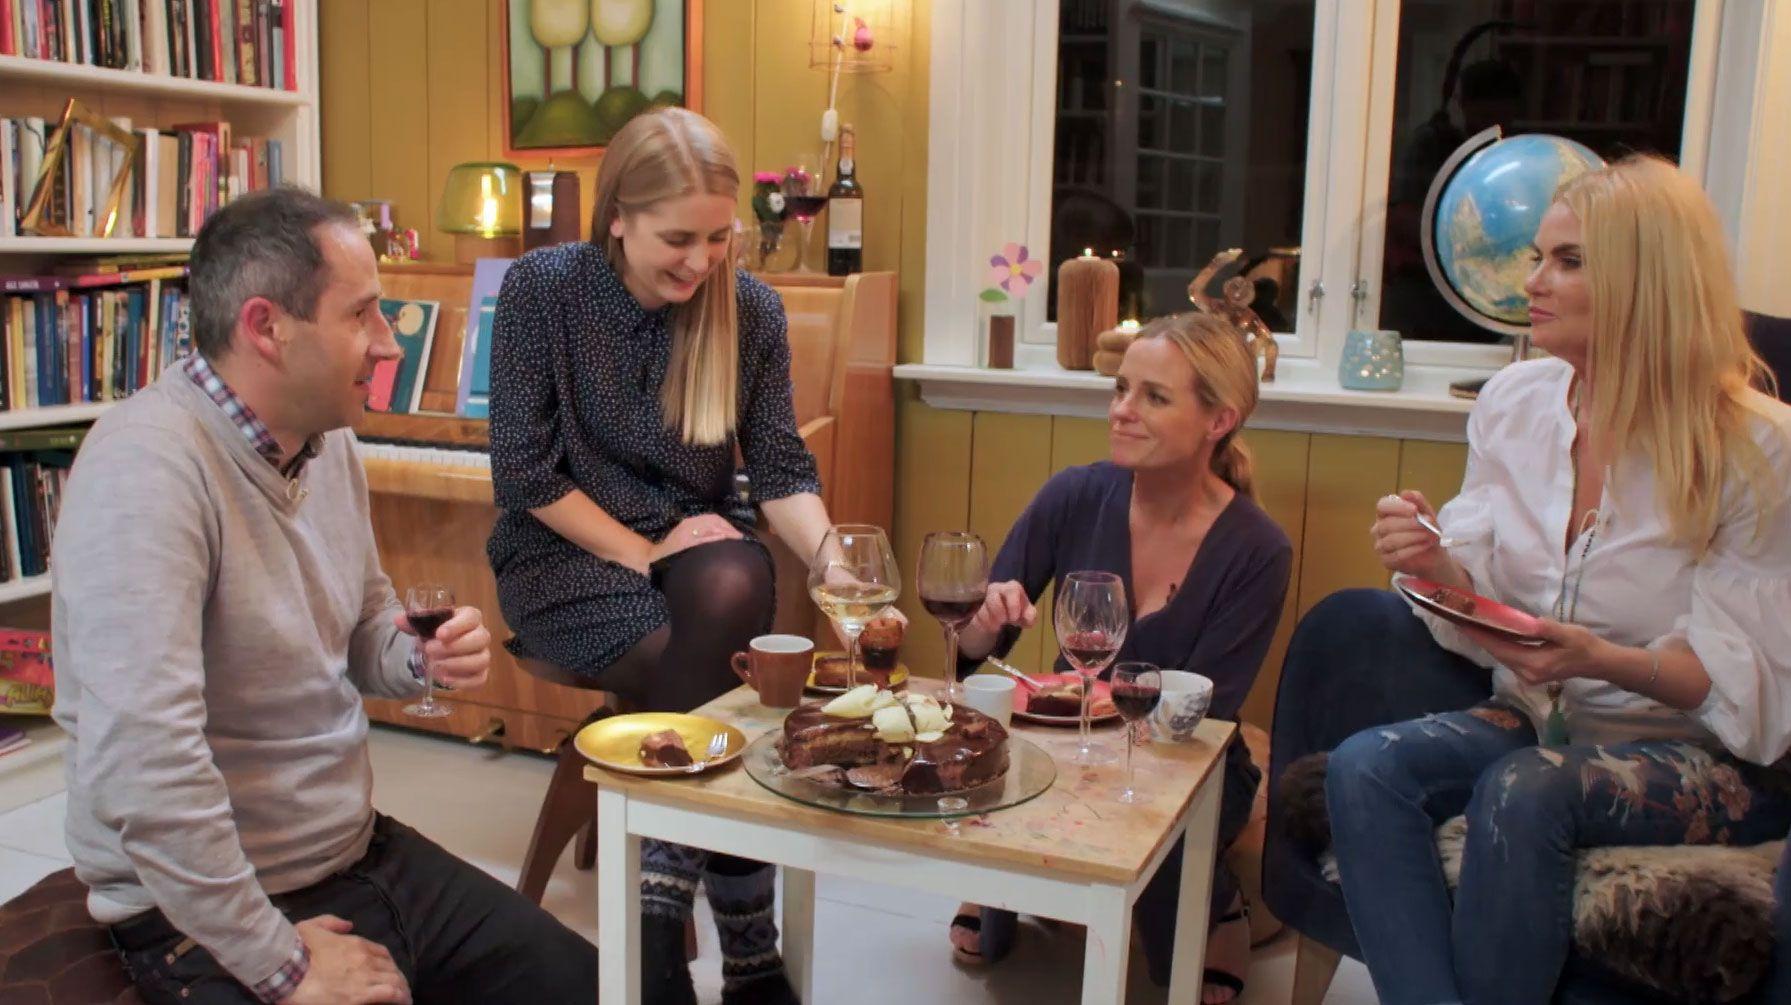 MIDDAGSSELSKAP: Harald Rønneberg, Silje Nordnes, Solveig Kloppen og Mia Gundersen hjemme hos Kloppen.